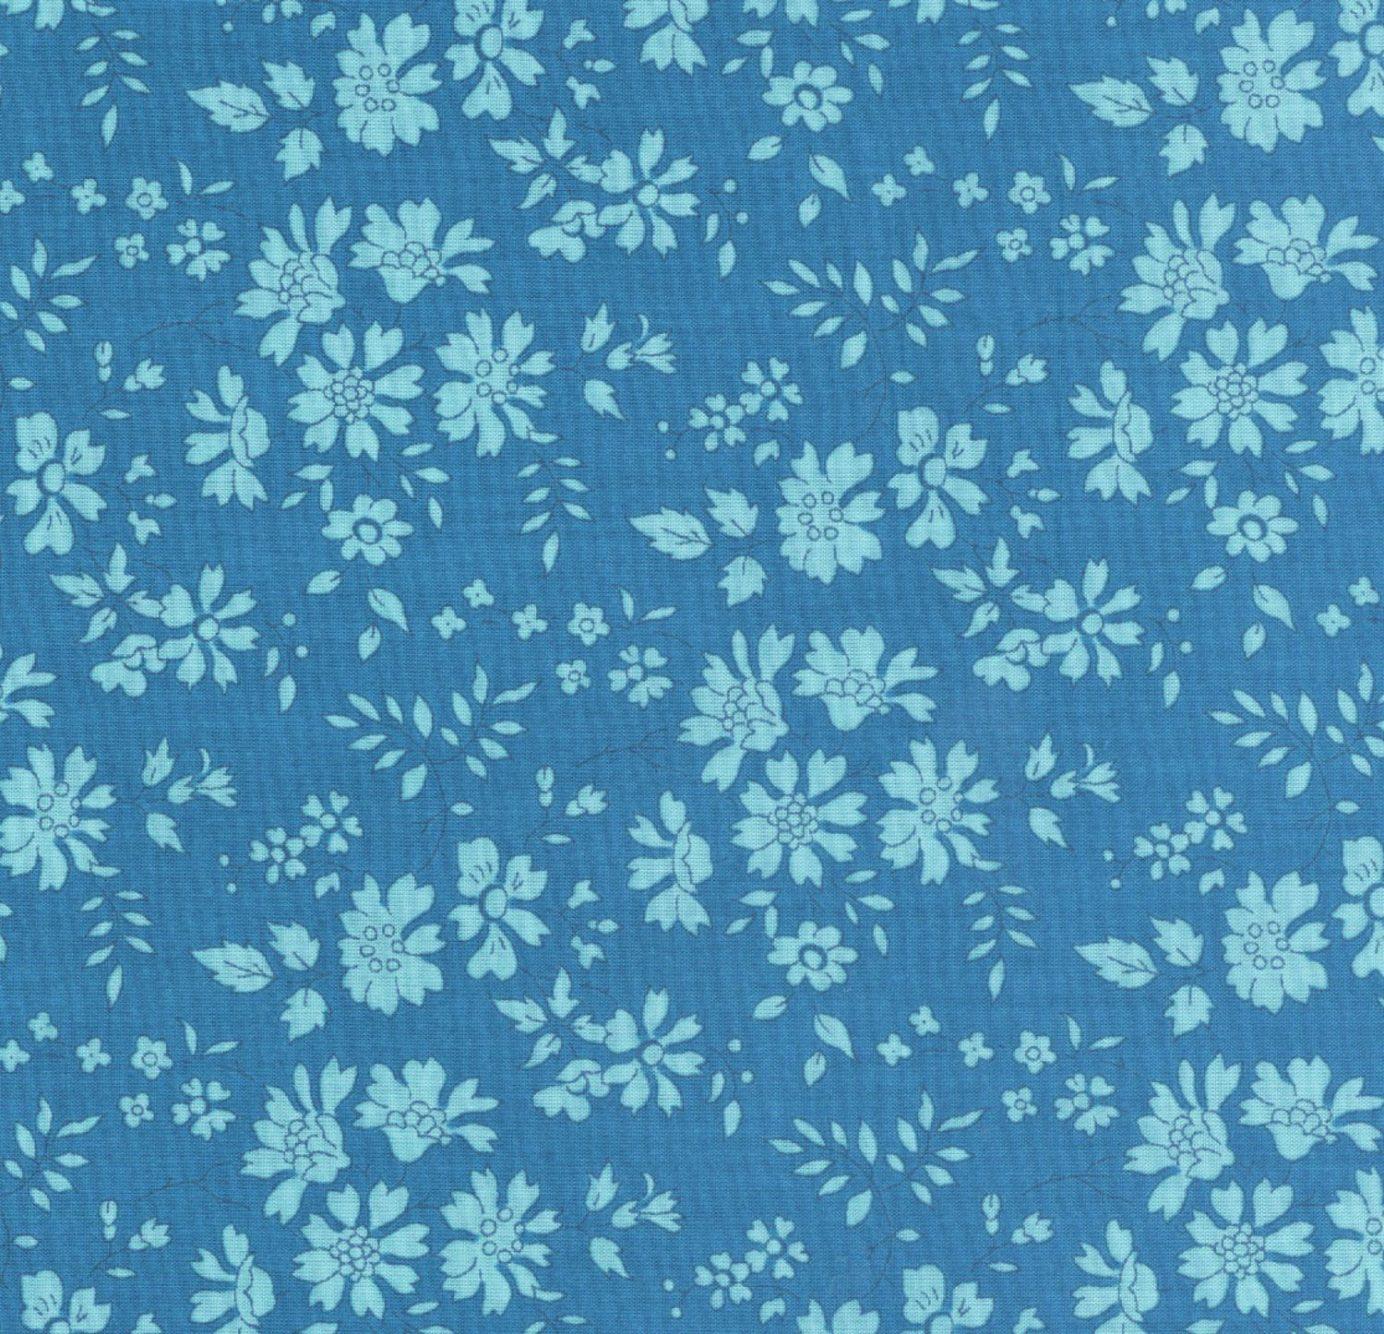 liberty-tana-lawn-fabric-capel-d